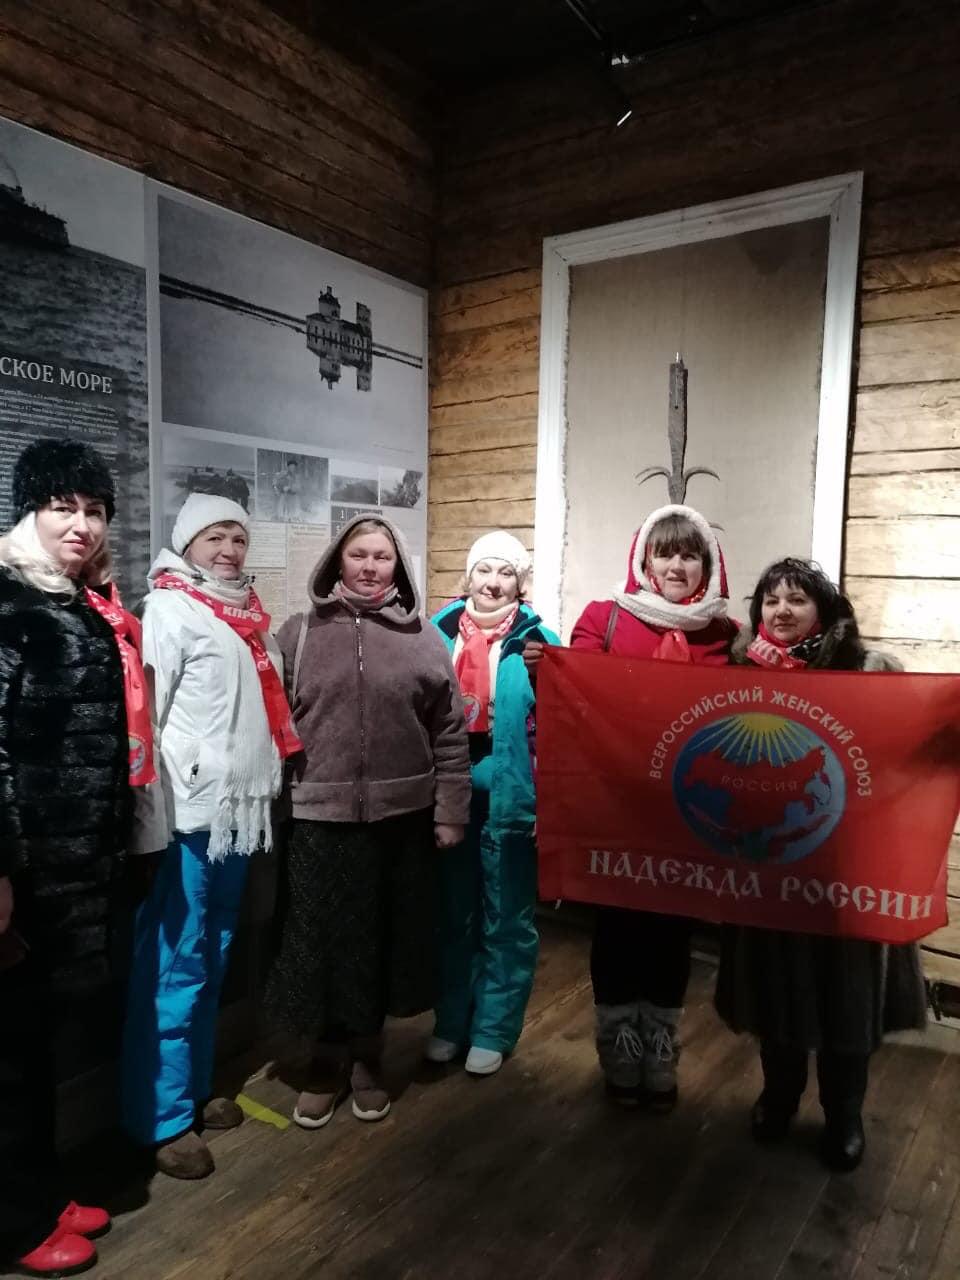 Ярославское региональное отделение ВЖС «Надежда России» подводит итоги своей работы